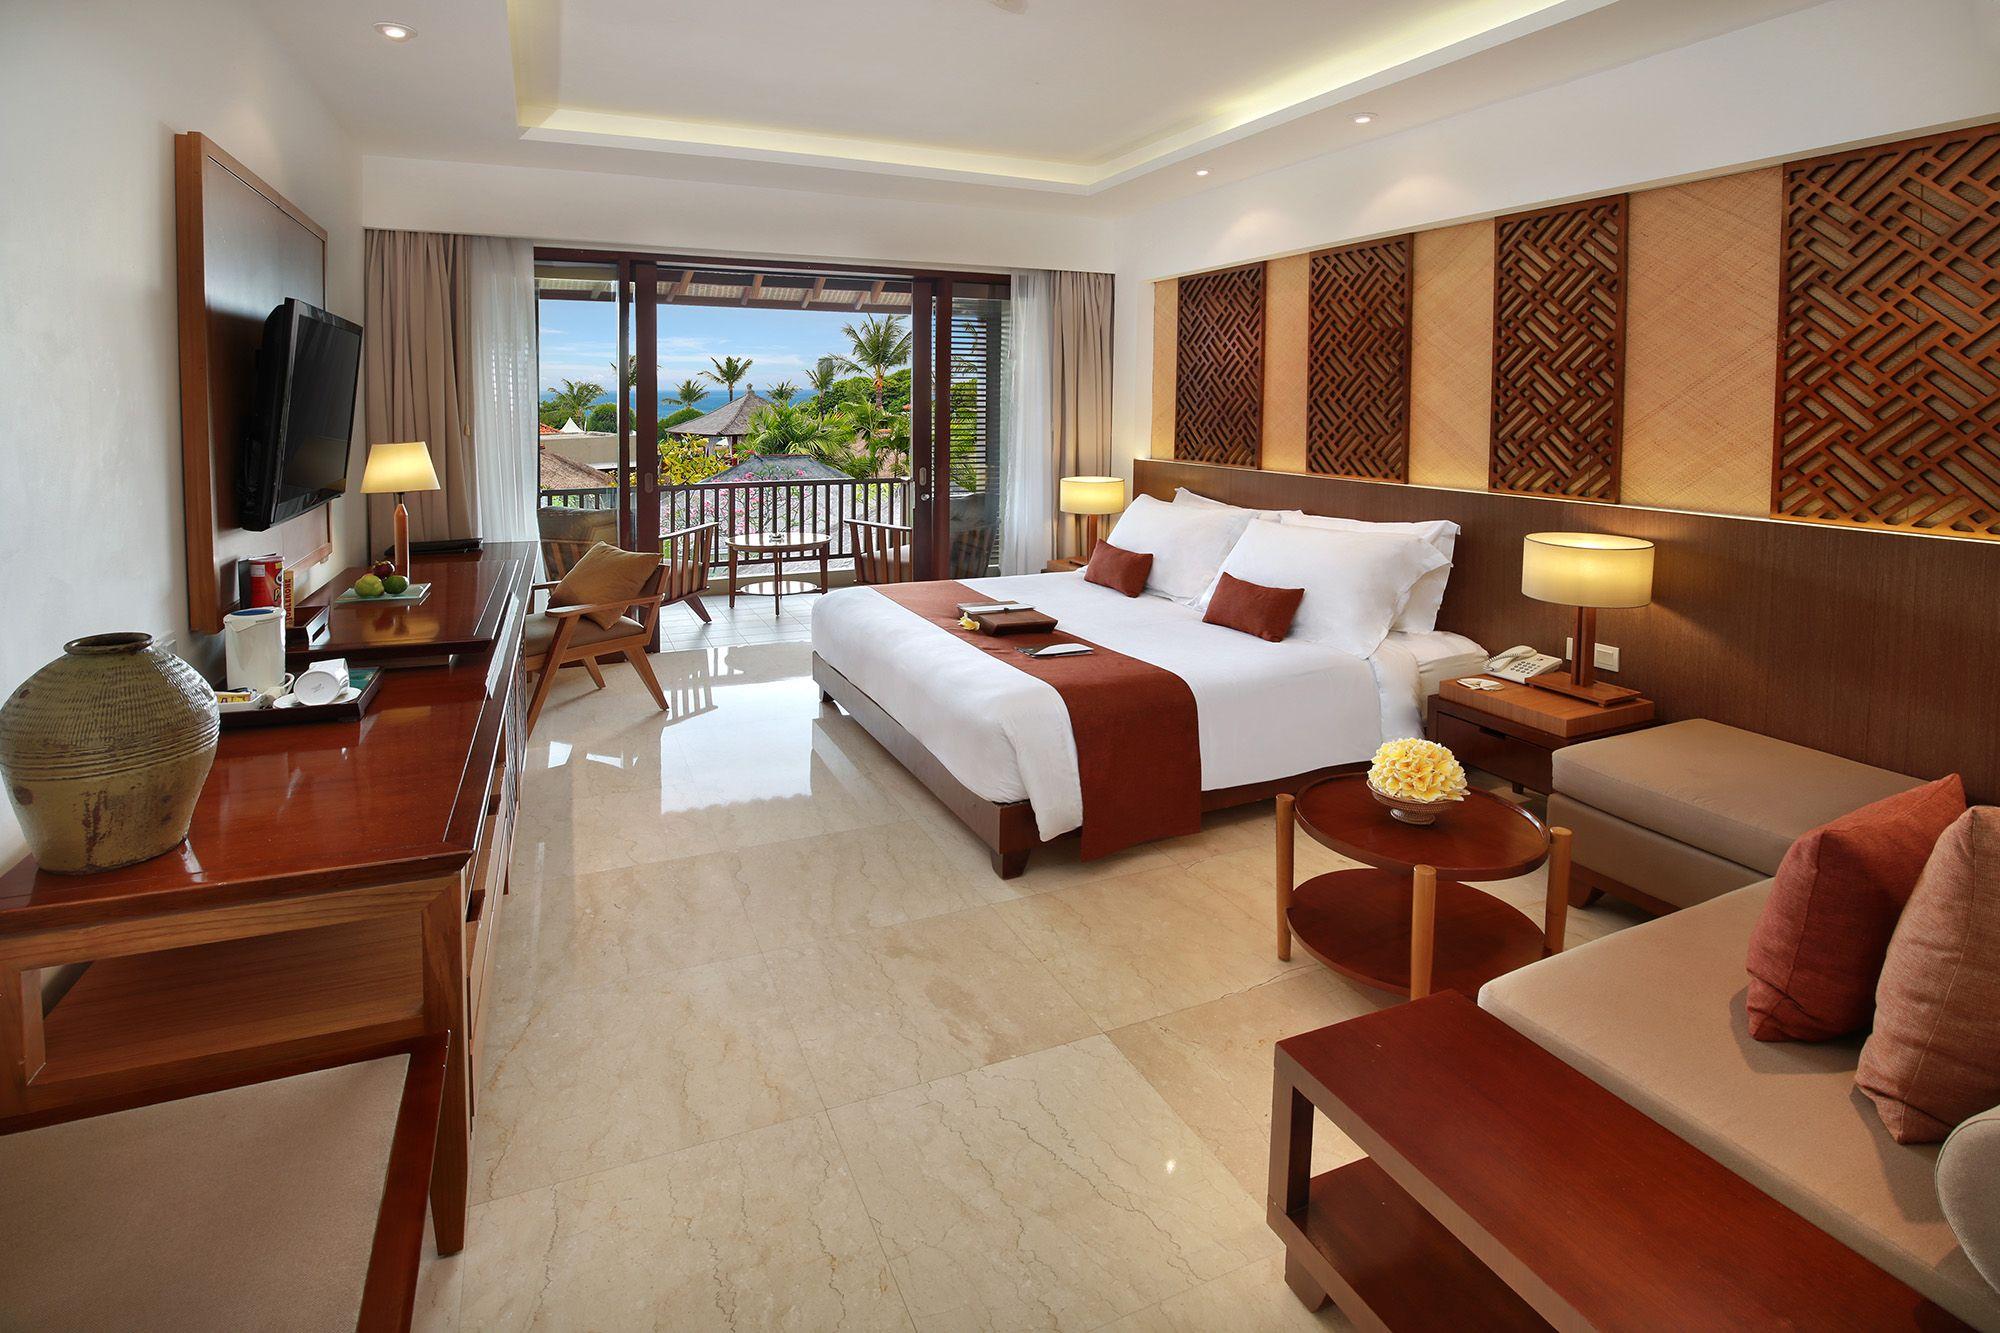 Bali Niksoma Boutique Beach Resort, Badung